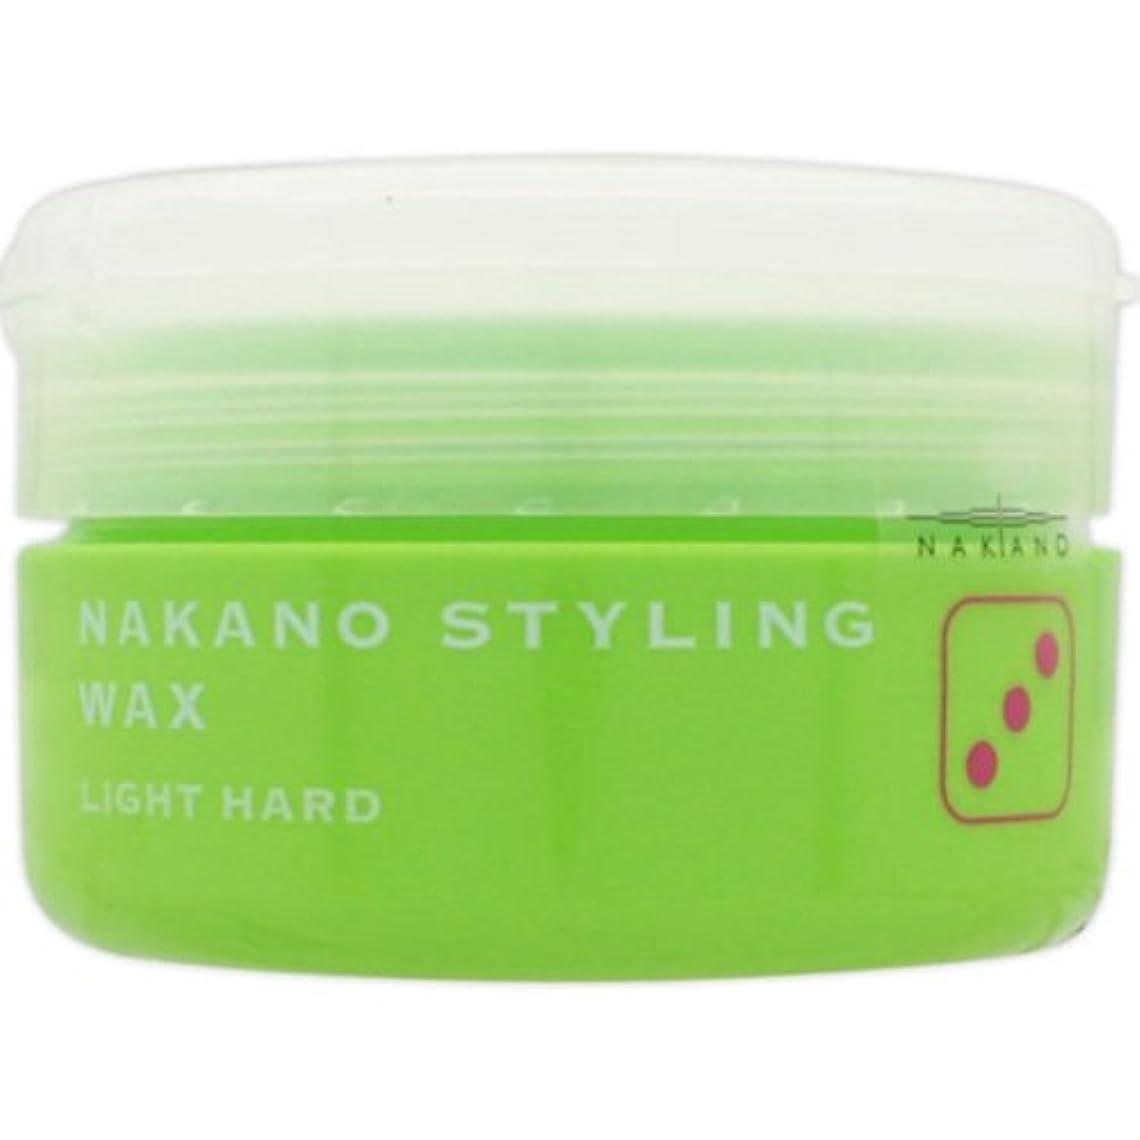 退却移民経済ナカノ スタイリングワックス 3 ライトハード 90g 中野製薬 NAKANO [並行輸入品]